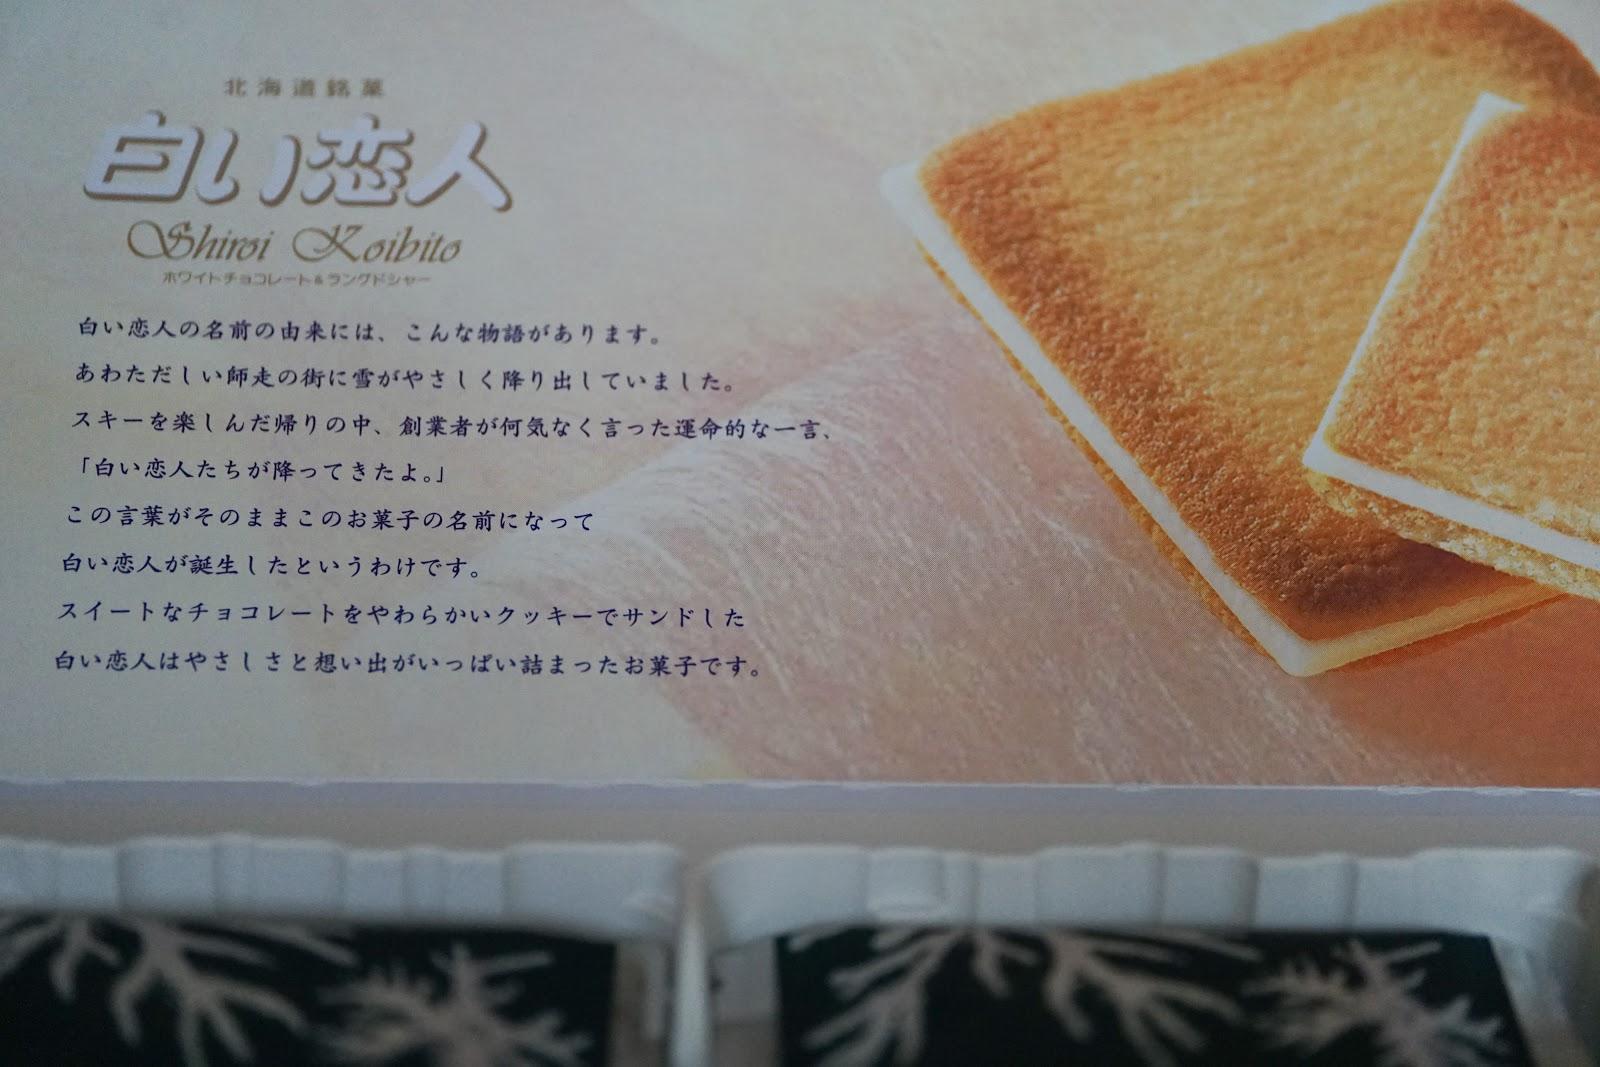 白い恋人の箱の蓋の裏側の菓子の写真と名前の由来